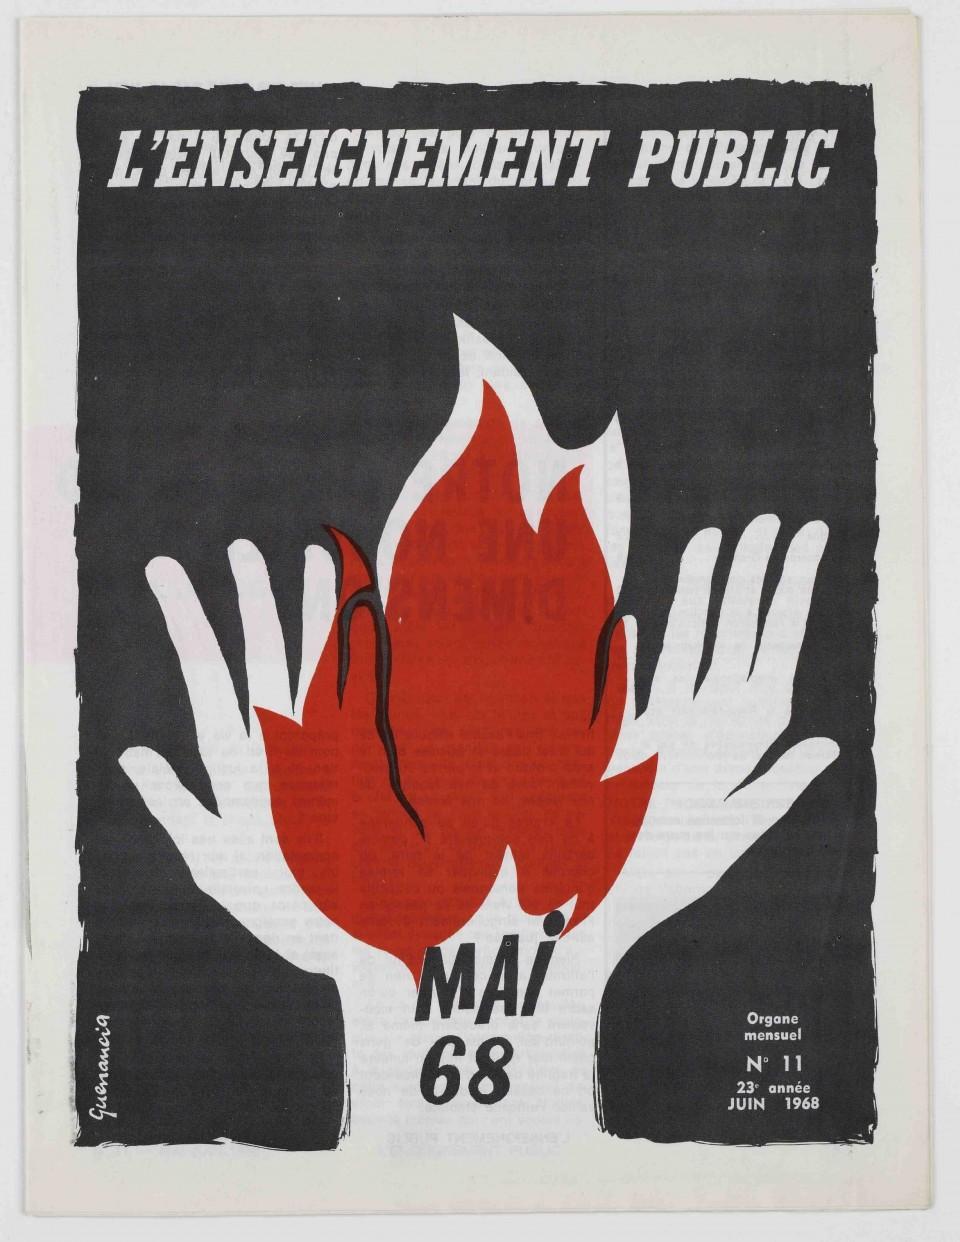 Couverture de l'Enseignement public de juin 1968.